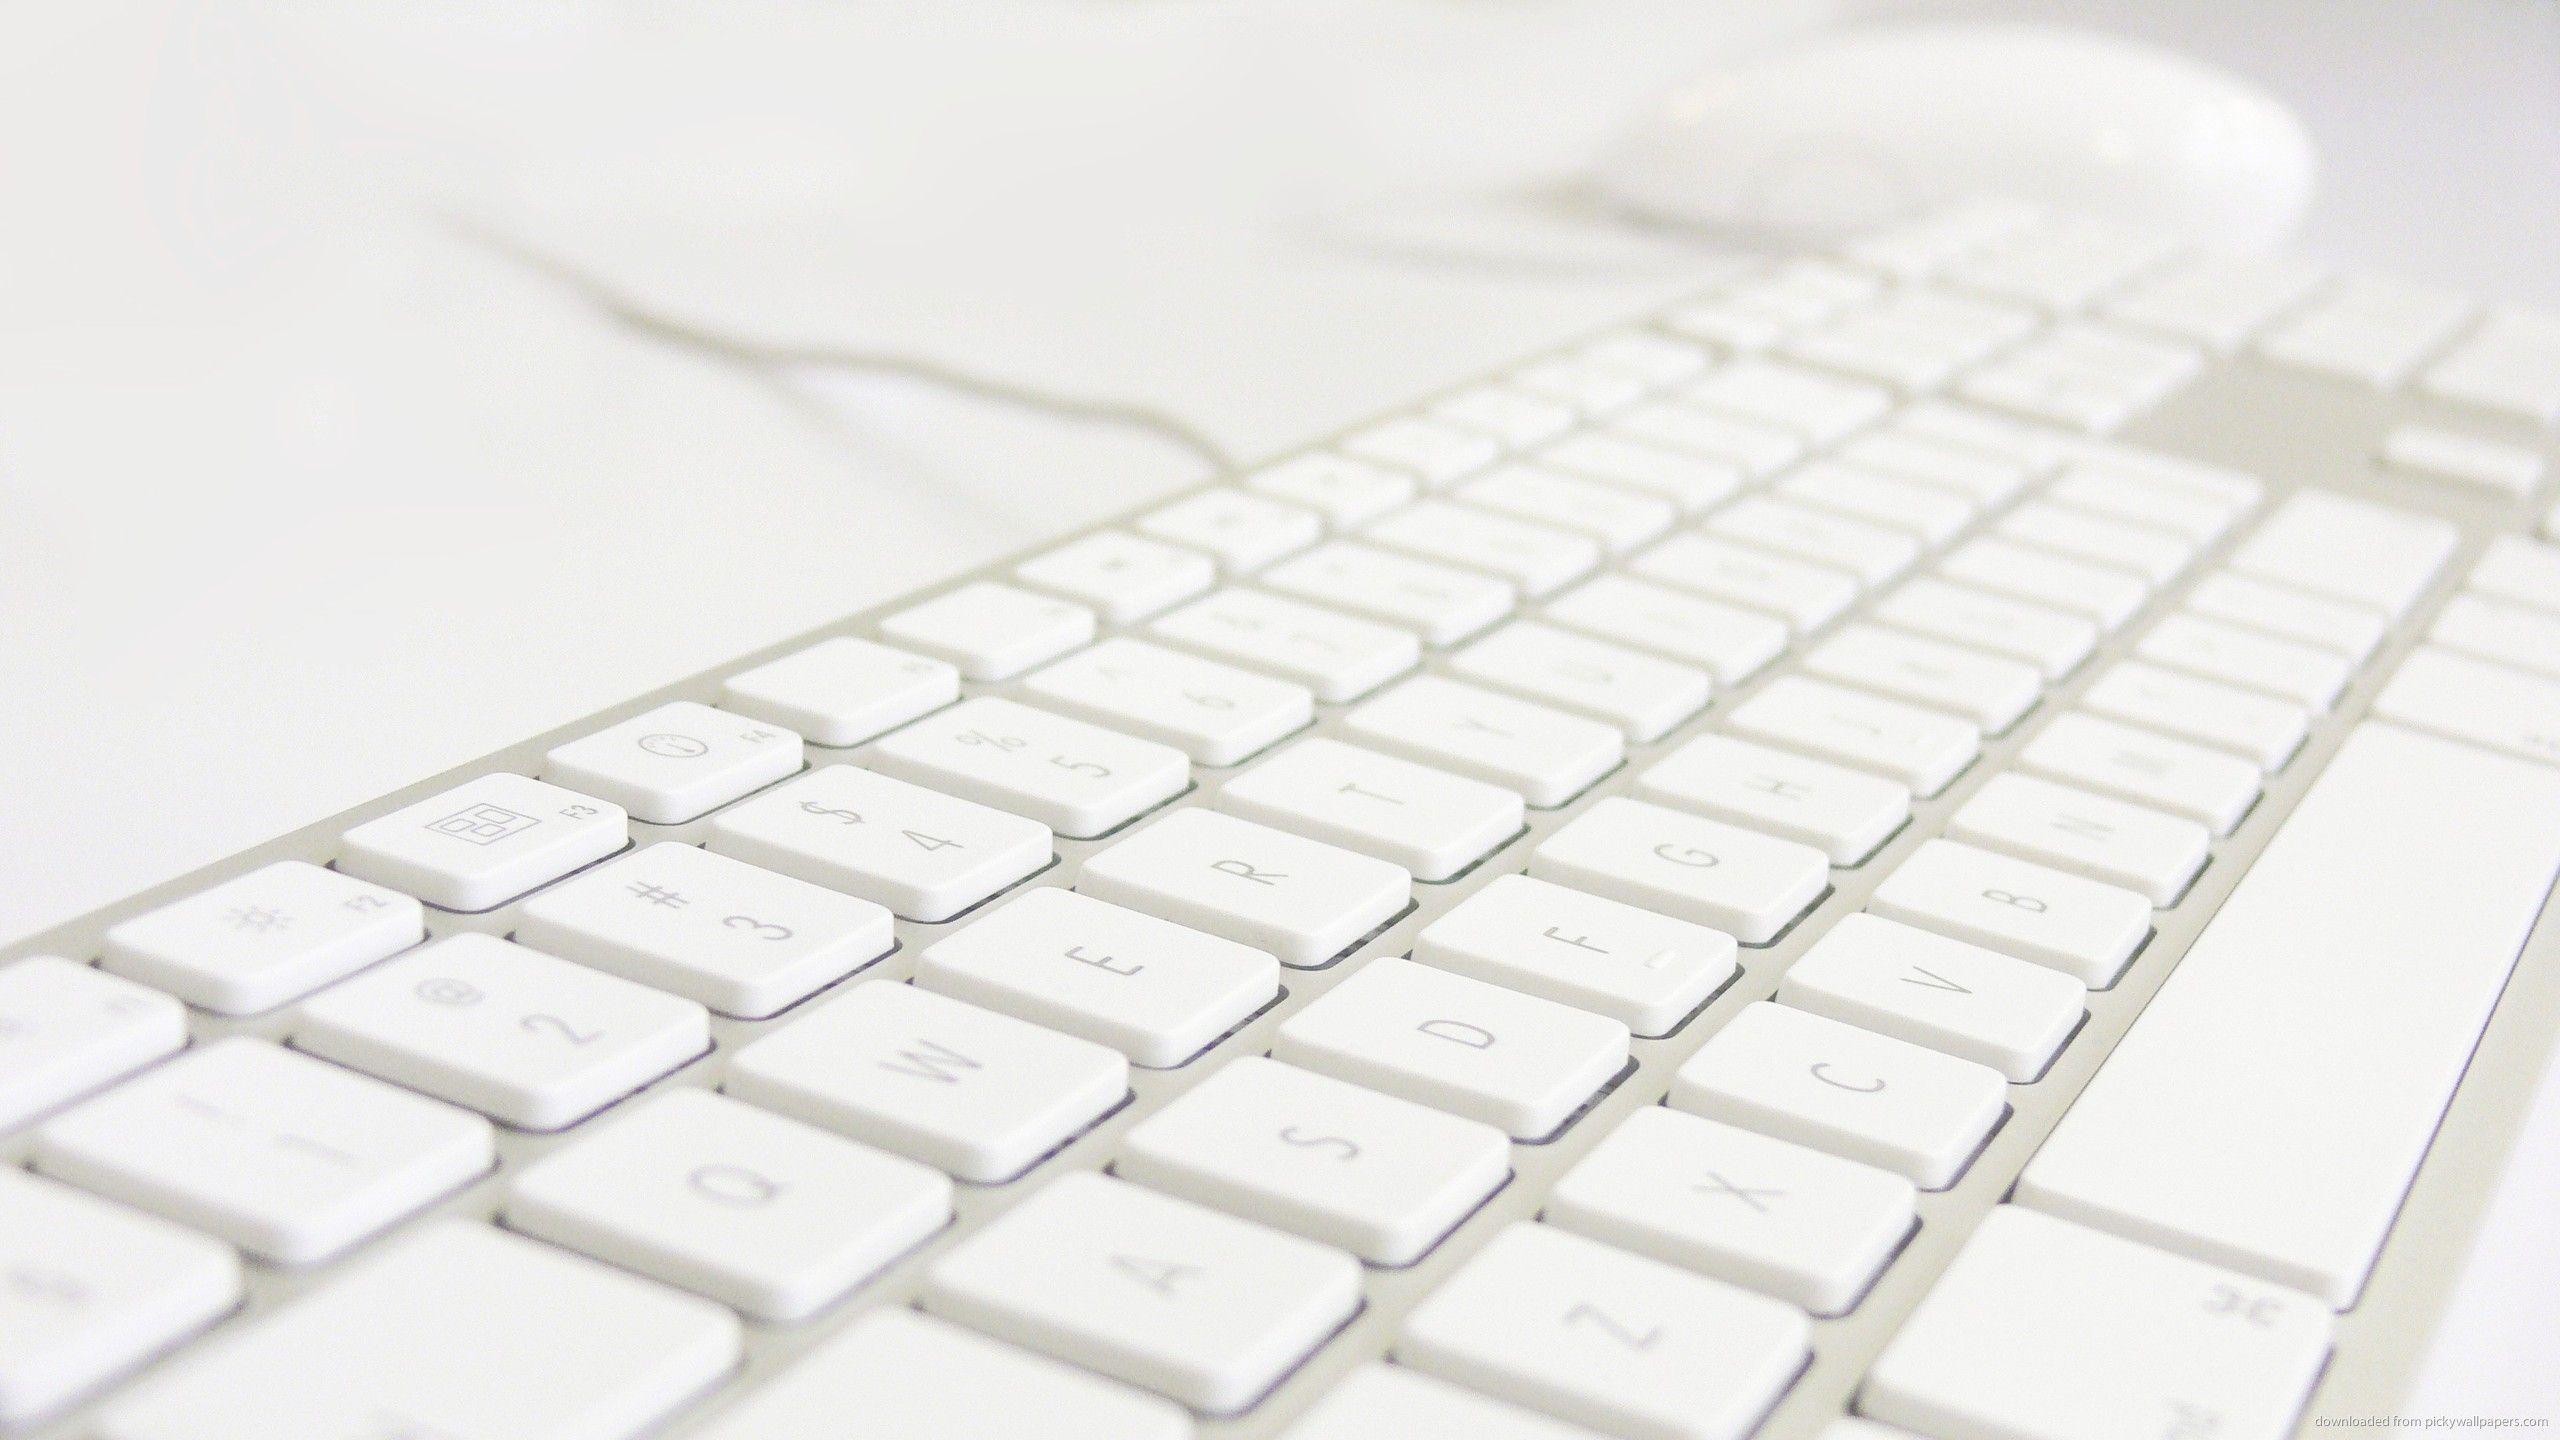 hd keyboard wallpapers